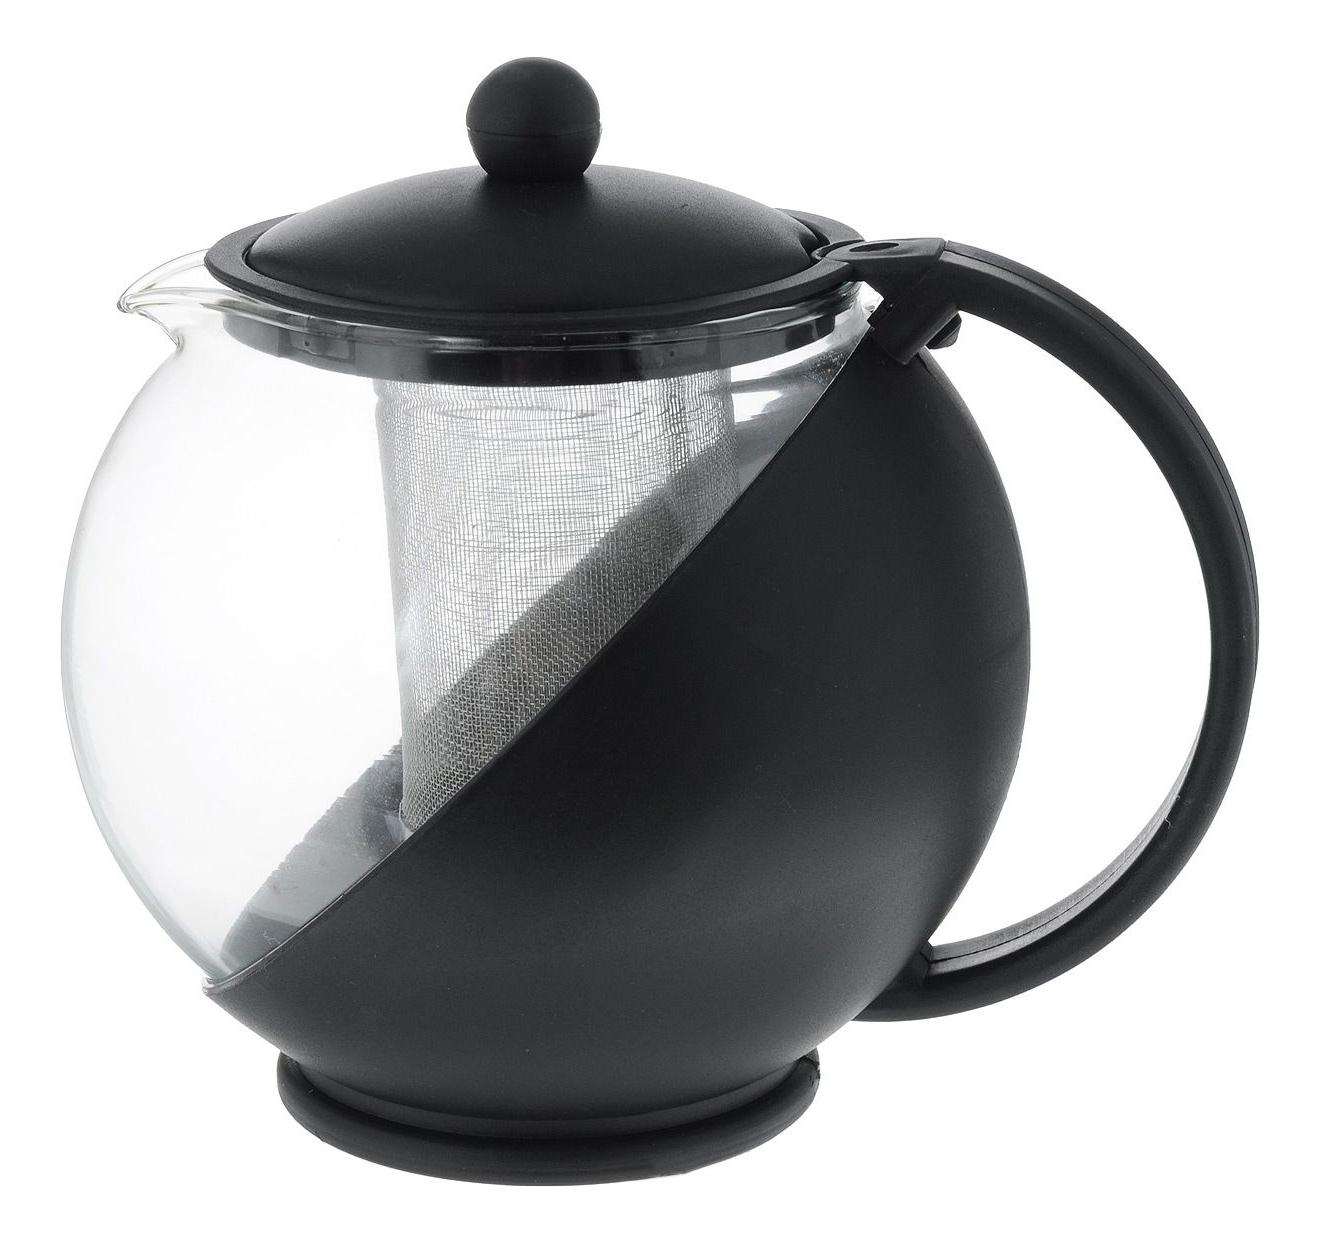 Заварочный чайник Mayer&Boch 1,25л черный 25739-3 фото